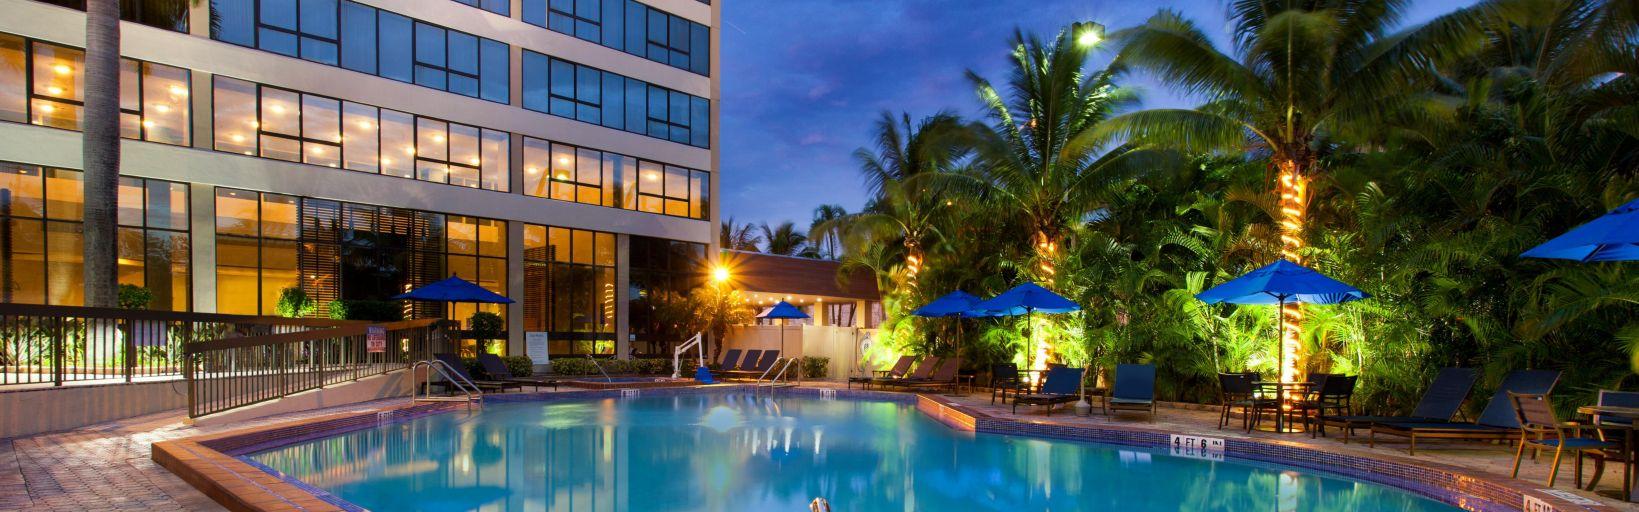 howard johnson plaza hotel miami airport hialeah gardens fl. Howard Johnson Plaza Hotel Miami Airport Hialeah Gardens Fl E